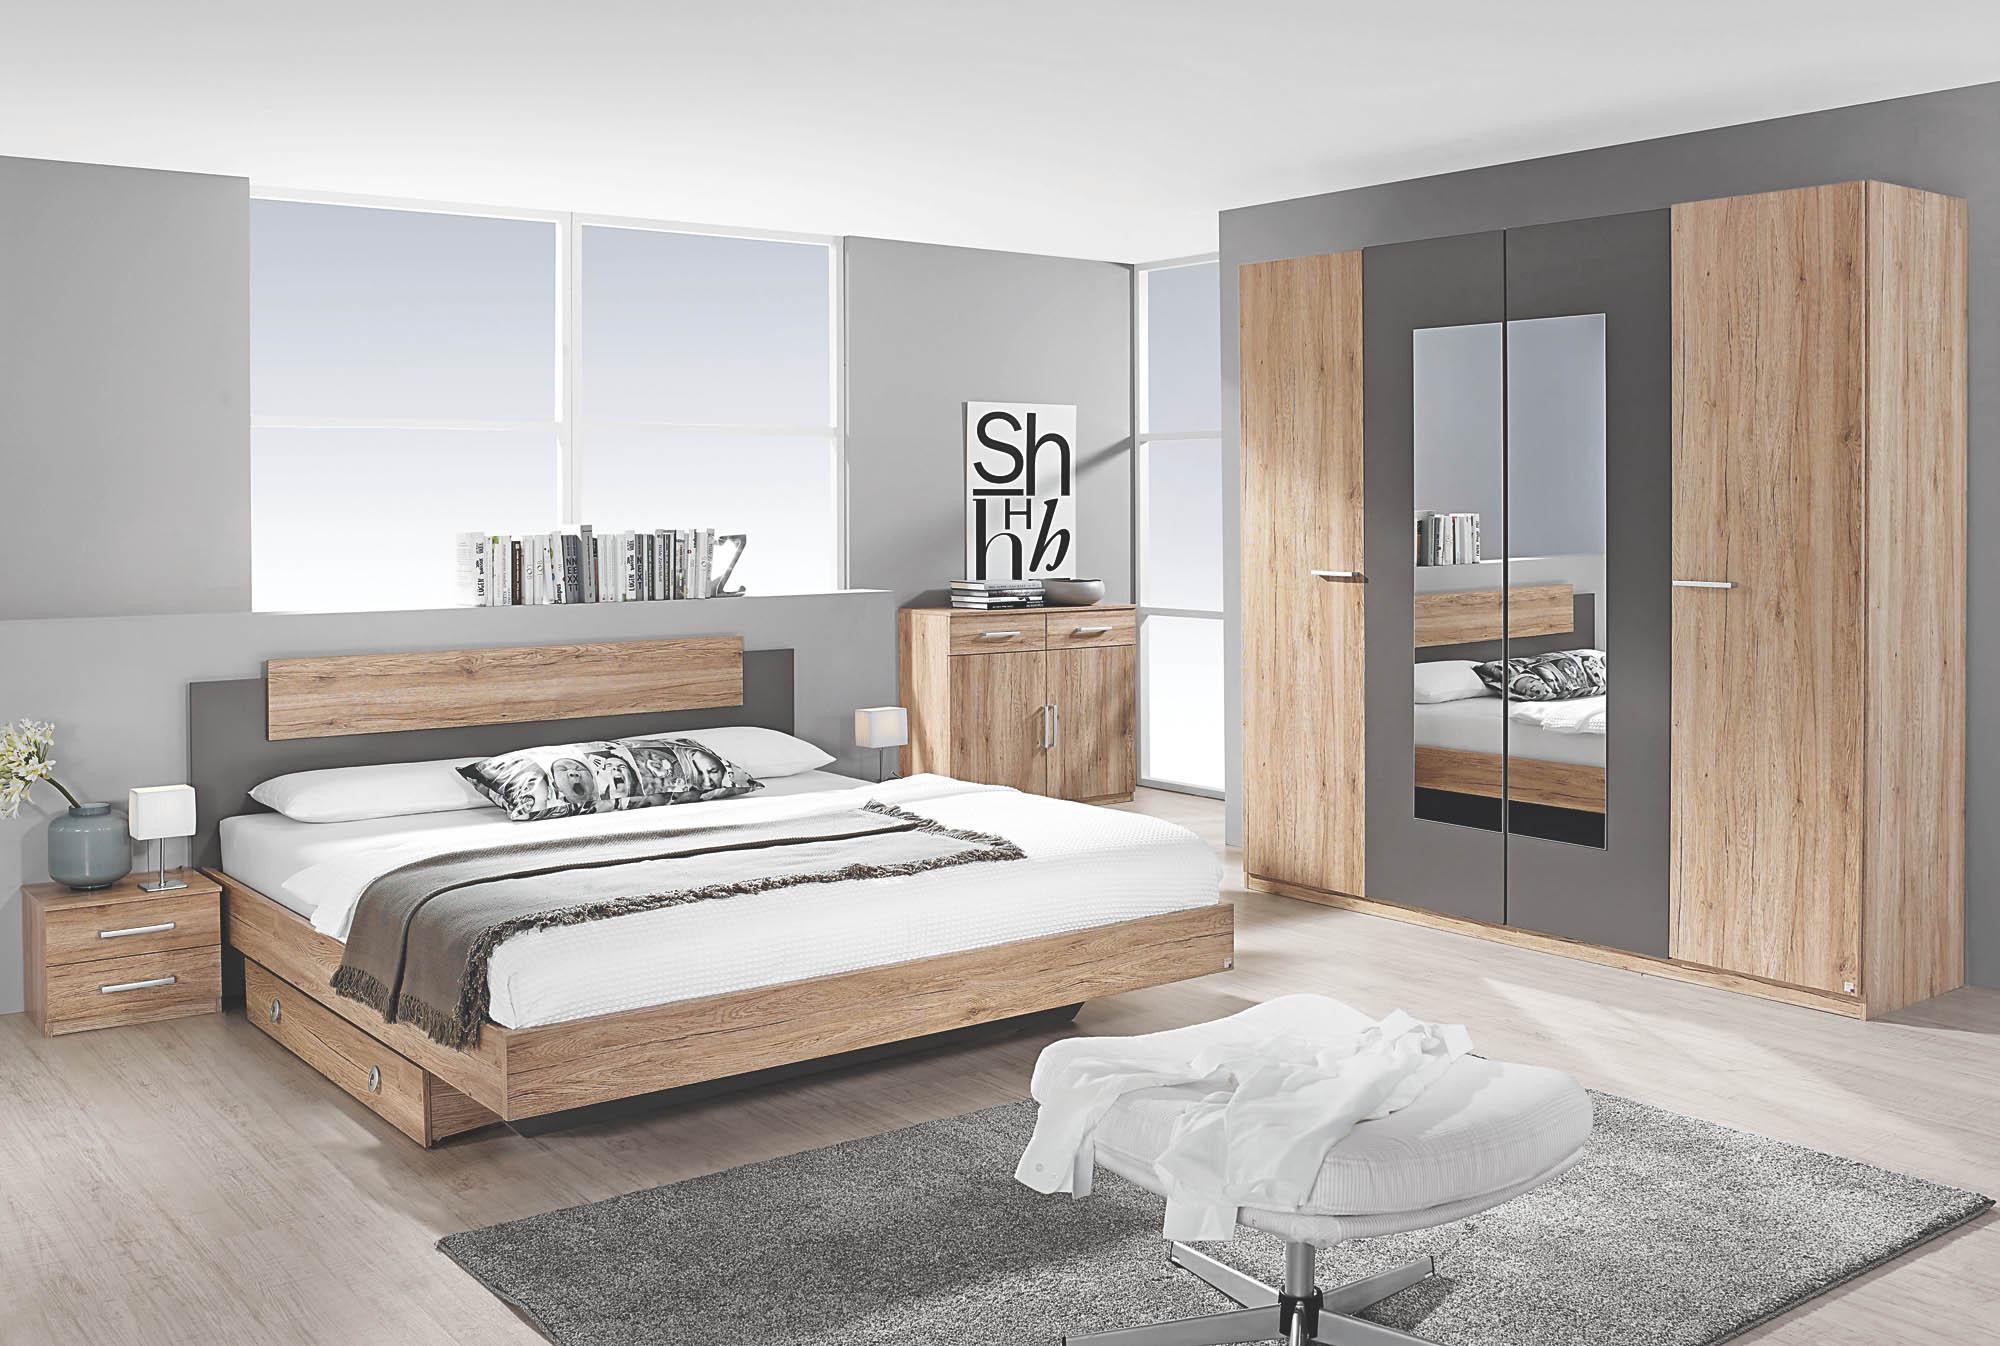 Schlafzimmer 4-tlg Borba von Rauch Packs mit 160x200 Bett alpinweiß / grau